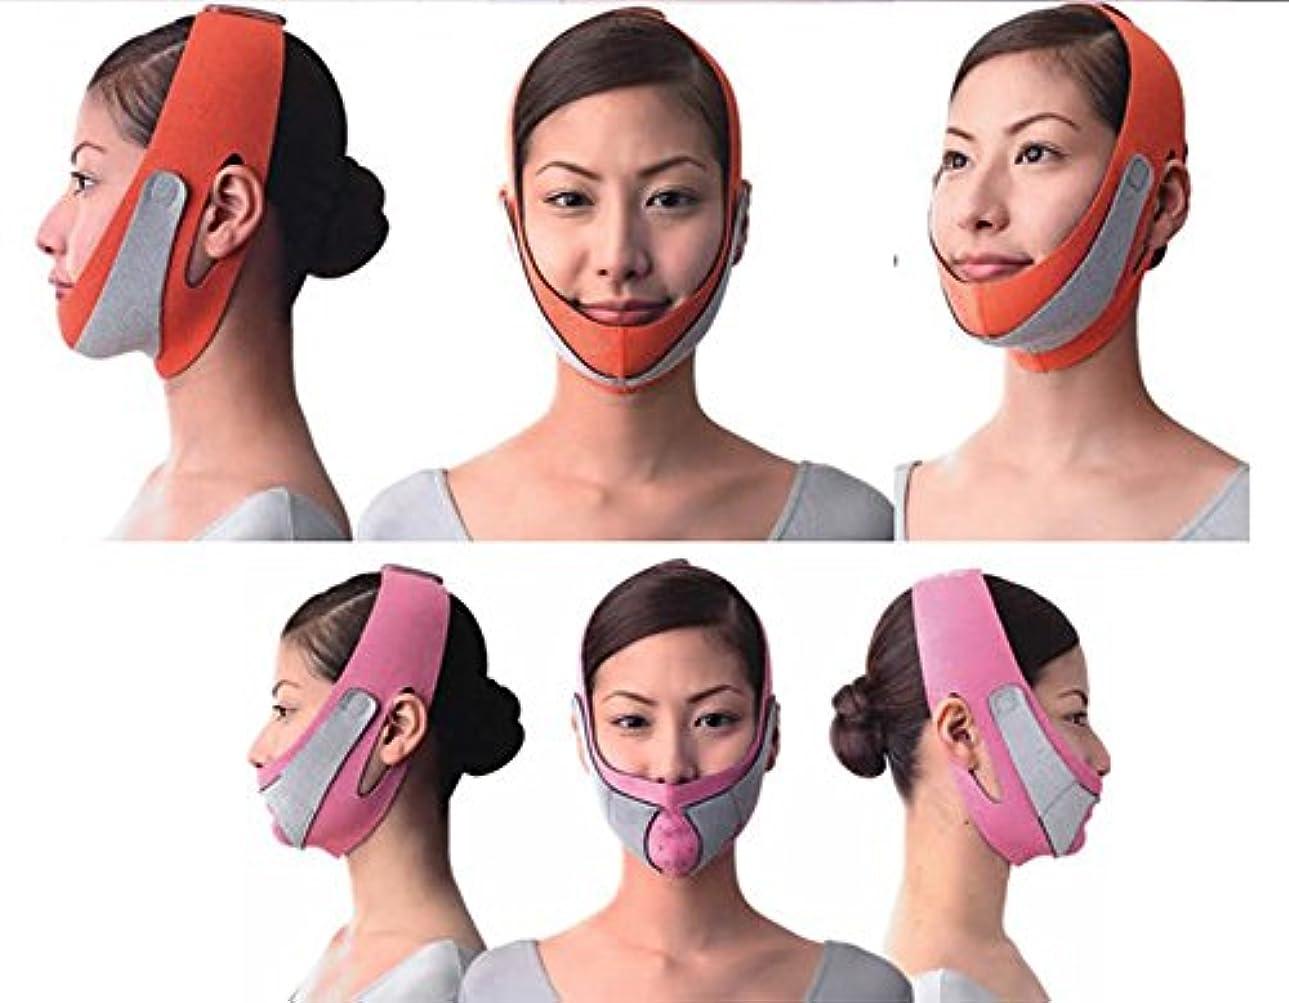 運動木馬鹿げた引き上げマスク 頬のたるみ 額、顎下、頬リフトアップ ピンク グレー 弾力V-ラインマスク 引っ張る リフティング フェイス リフトスリムマスク 美容 フェイスマスク